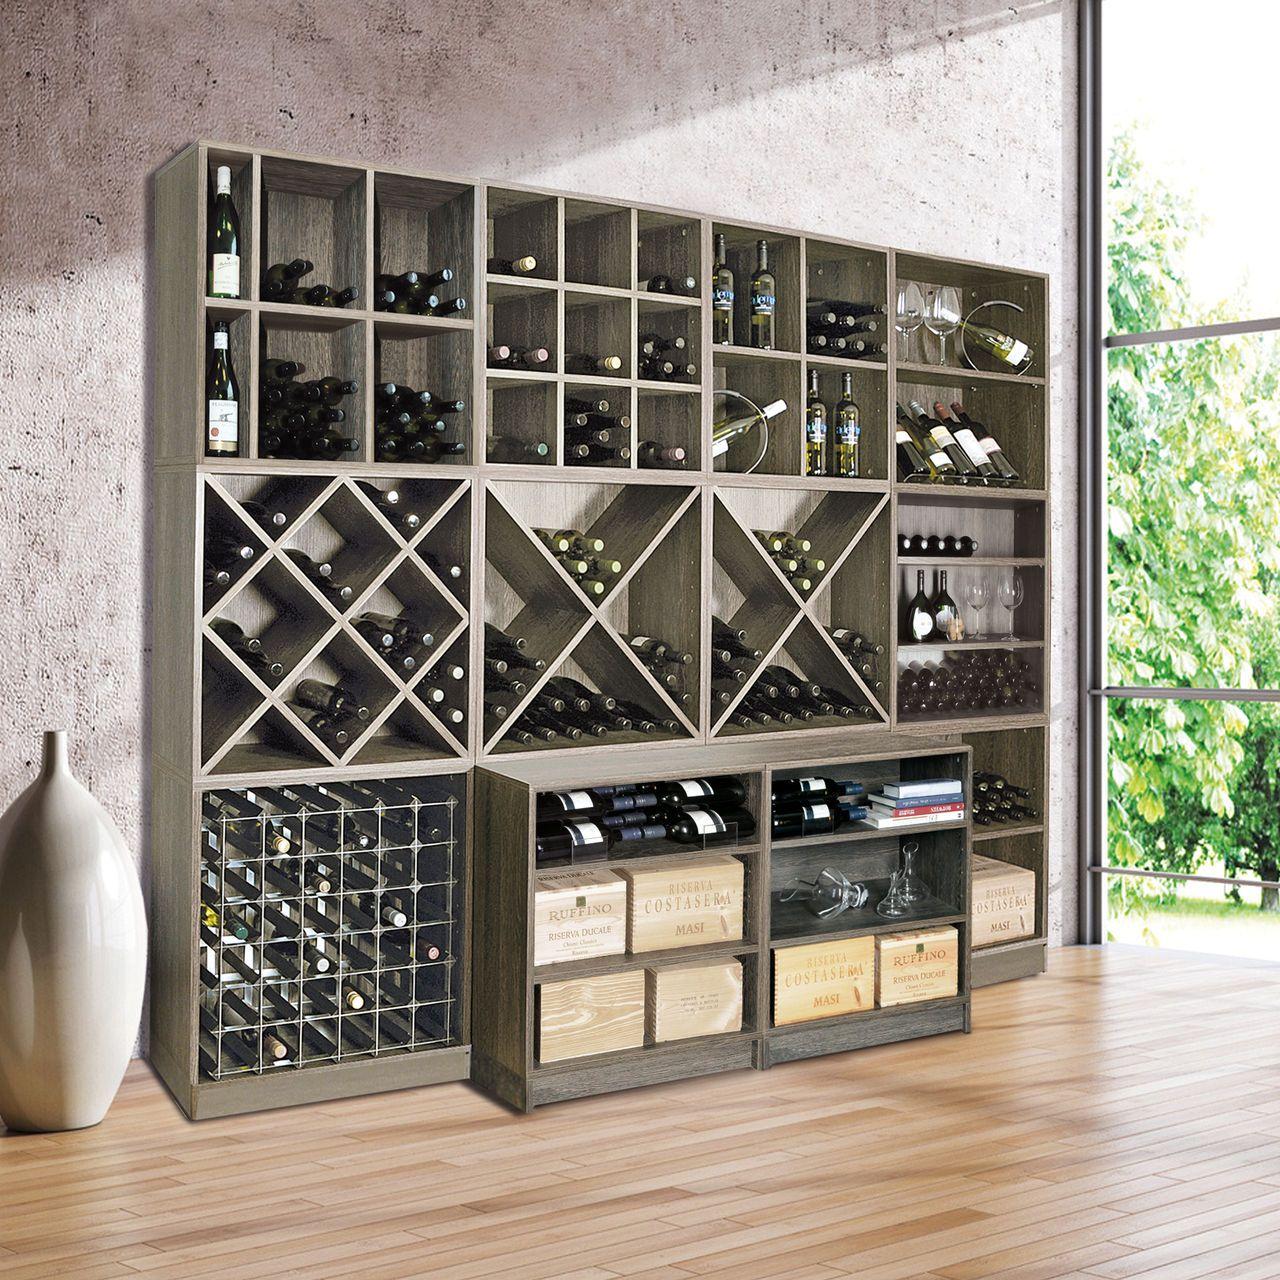 weinregal system cavepro wenge flaschenregale holz. Black Bedroom Furniture Sets. Home Design Ideas